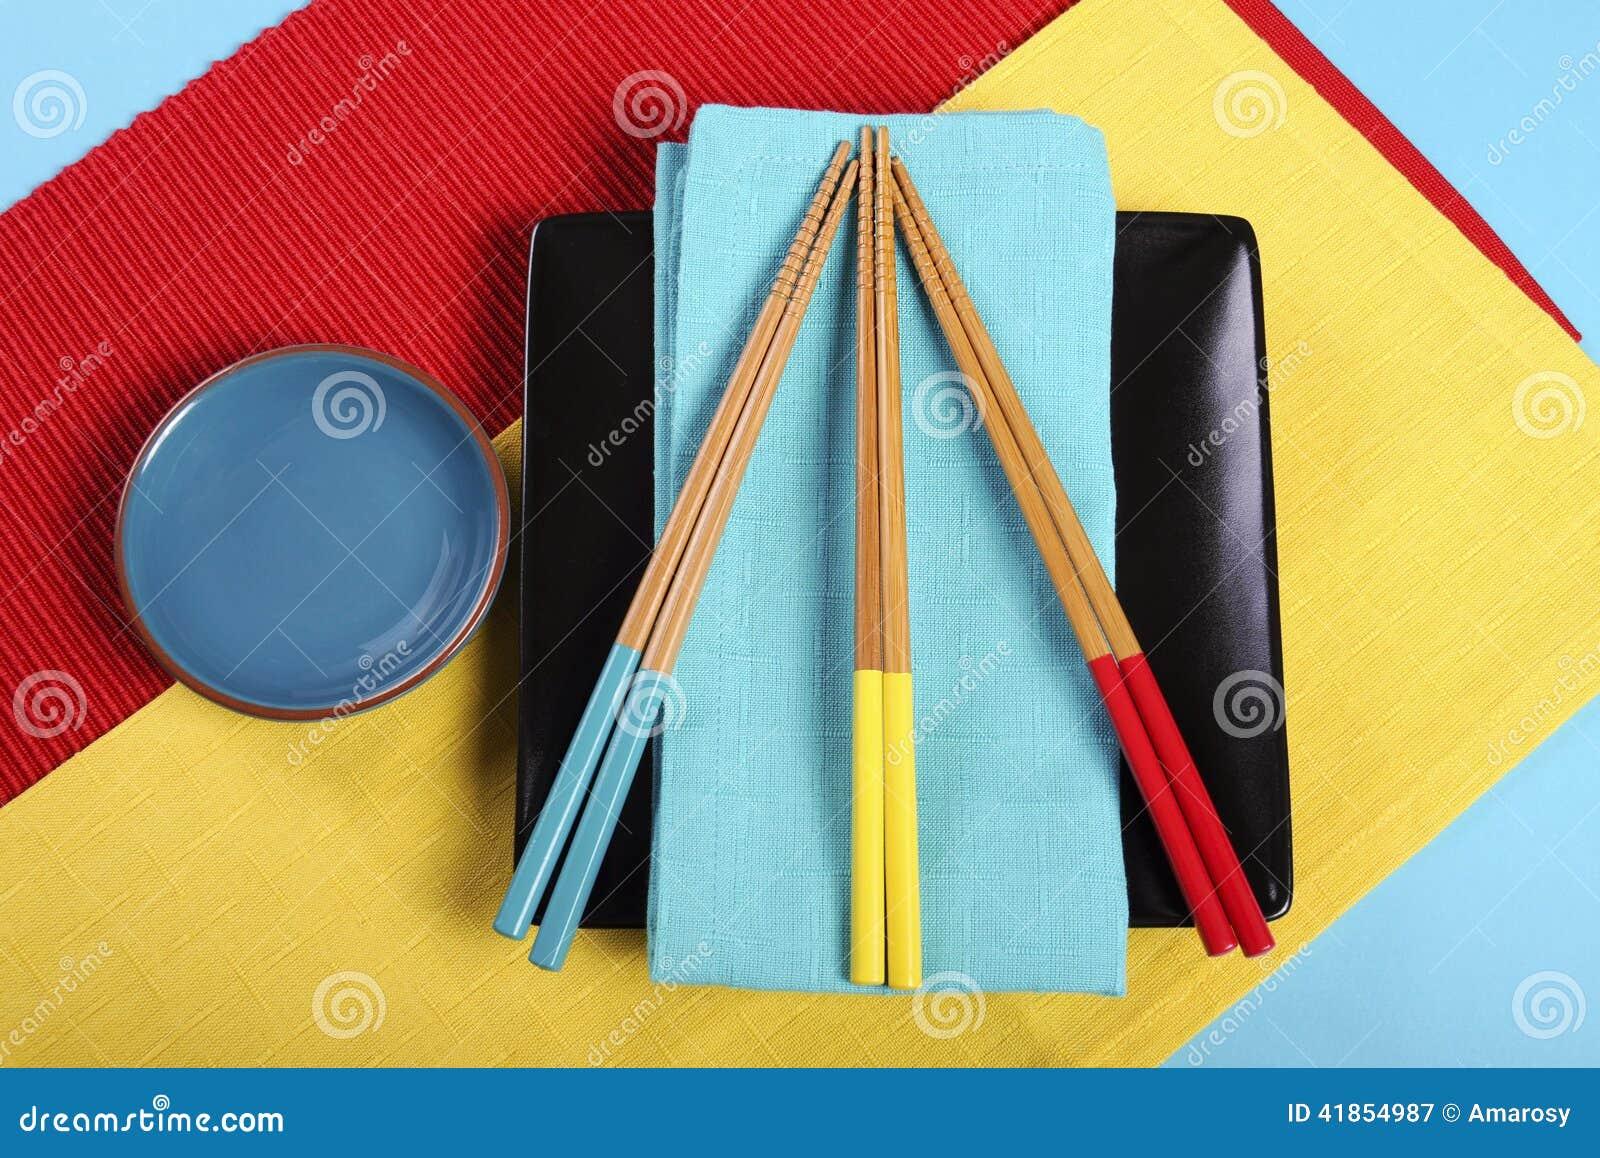 couvert oriental japonais de rouge jaune et bleu moderne de tableau image stock image du. Black Bedroom Furniture Sets. Home Design Ideas